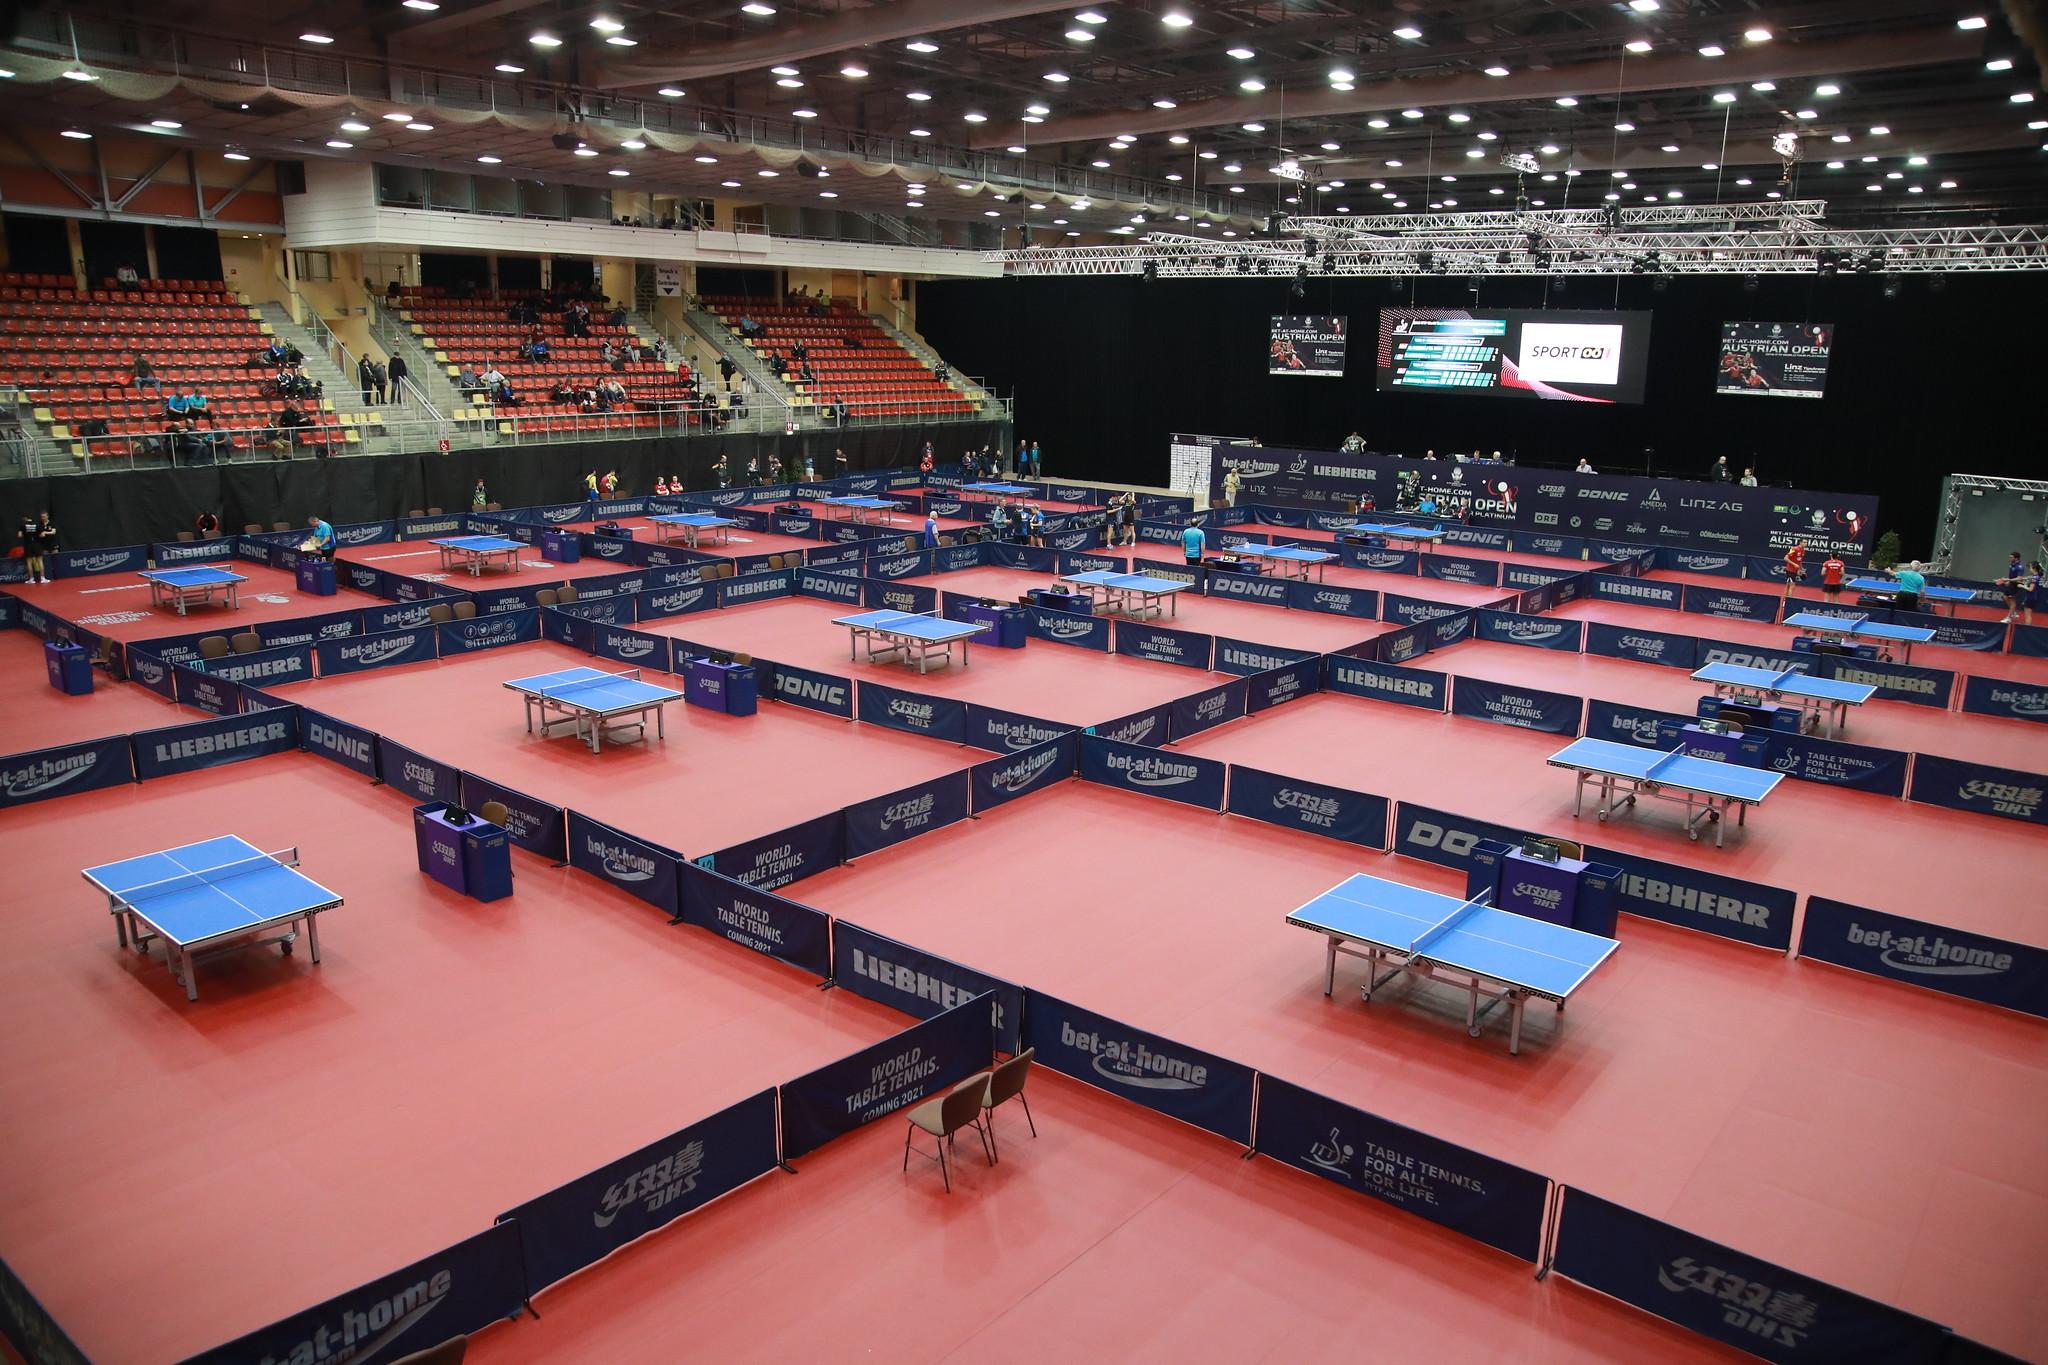 Mundial de Busan foi adiado três vezes antes de ser cancelado (Crédito: ITTF)